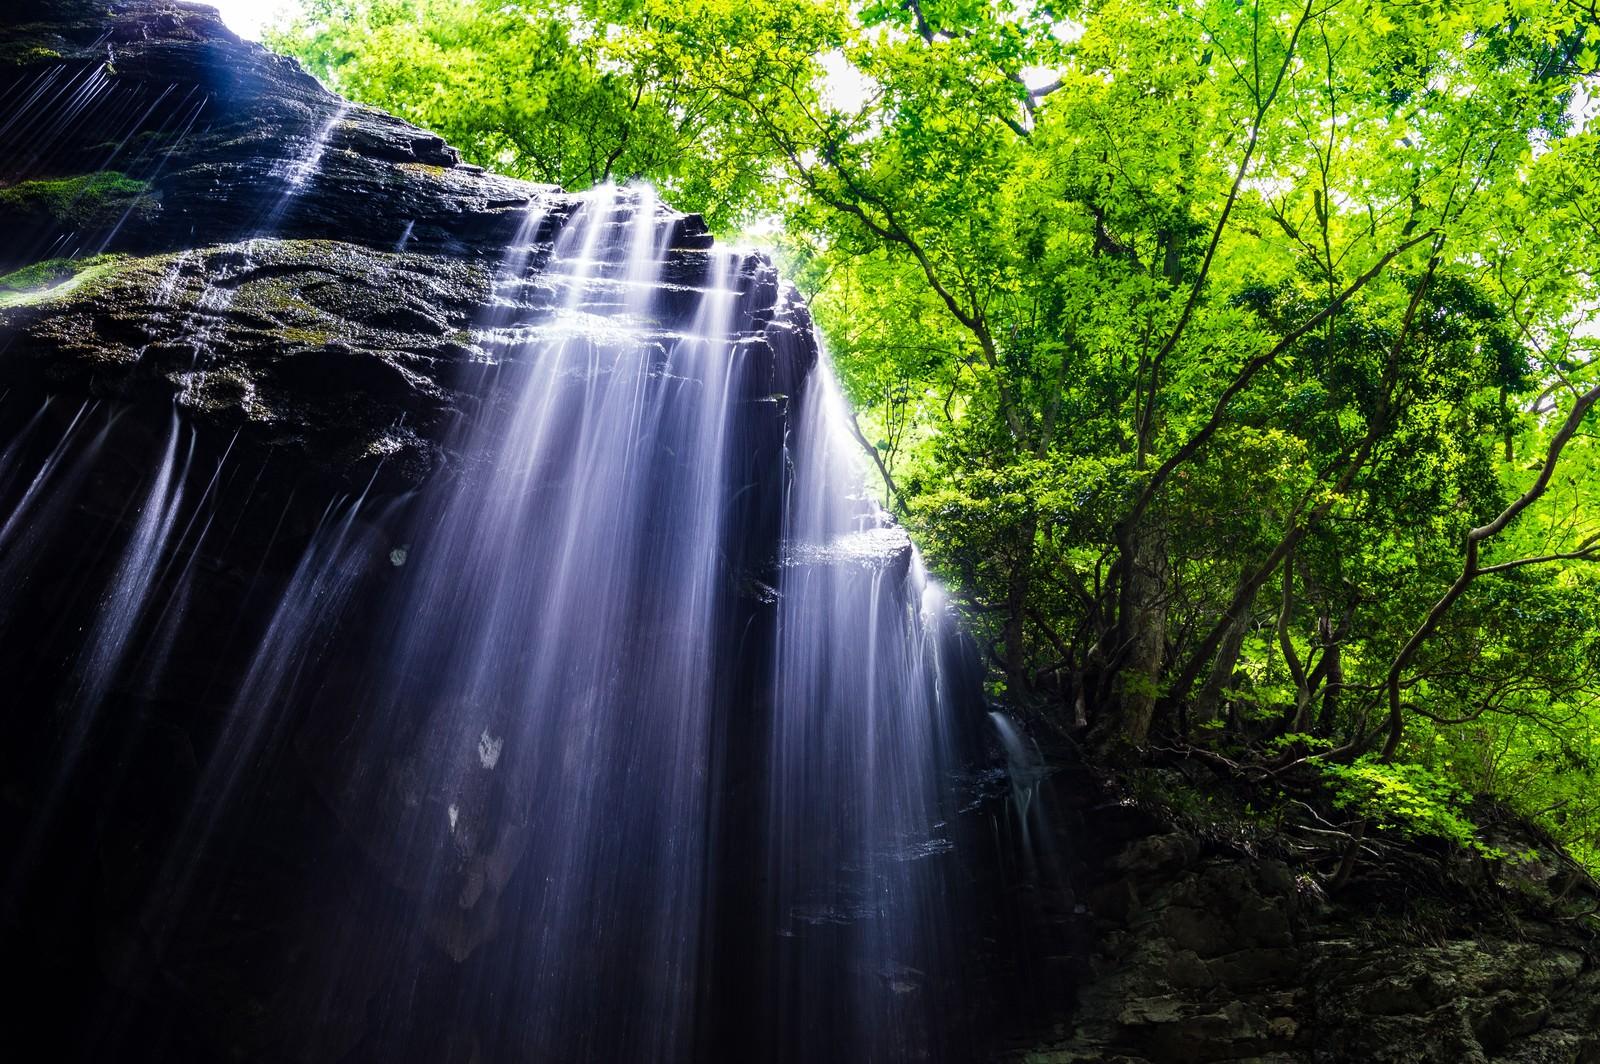 「鏡野町の岩井滝」の写真